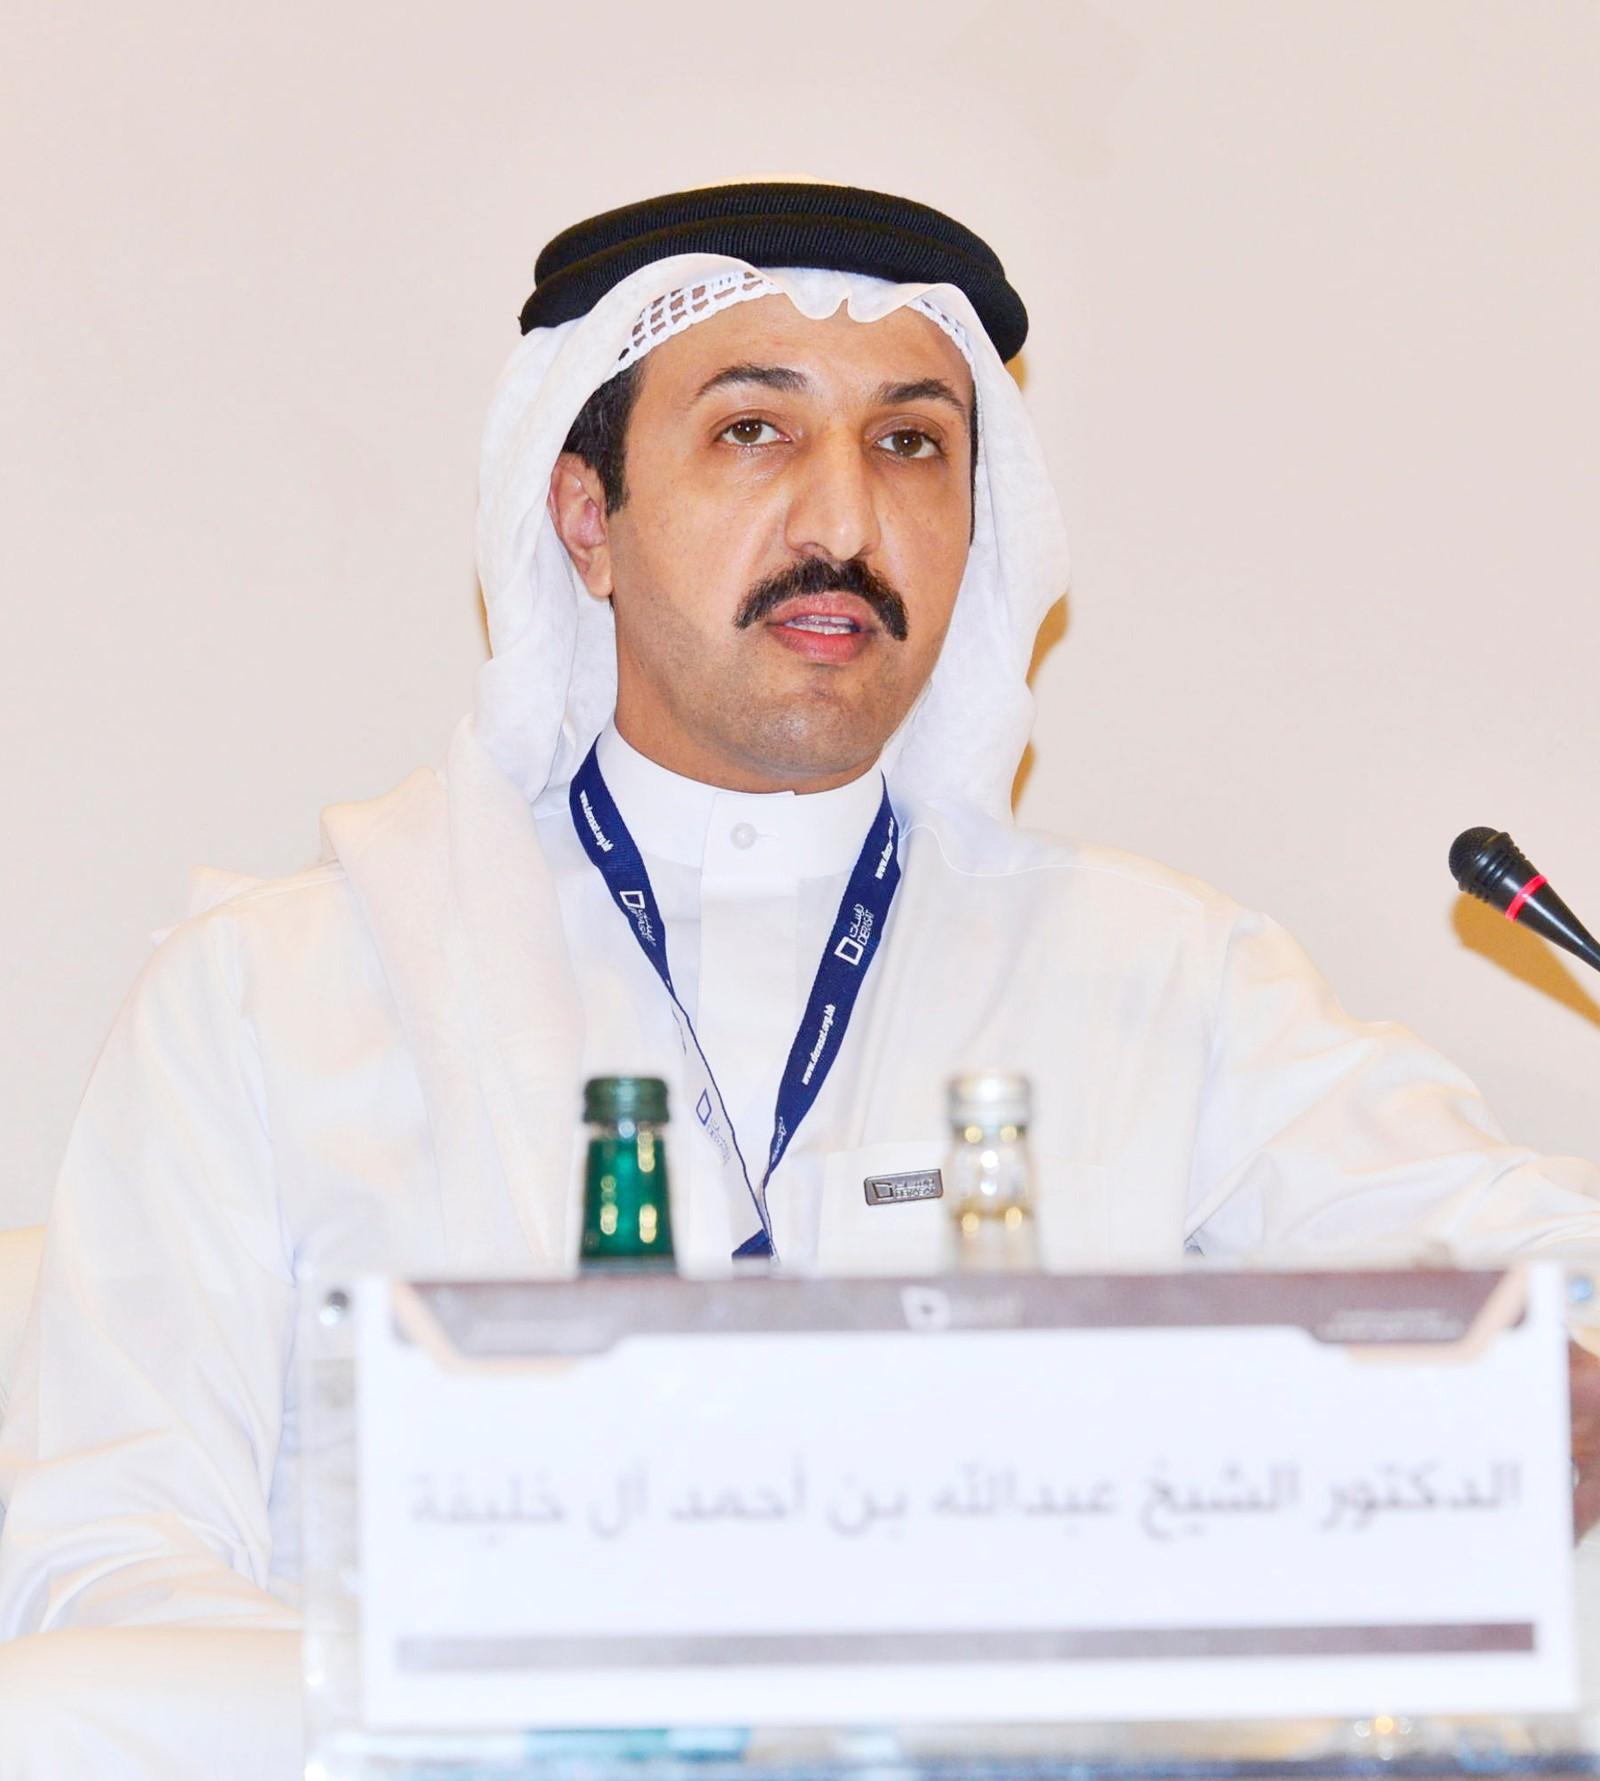 الدكتور عبدالله بن أحمد: الزبارة تشكل جزءا أصيلا من أراضي البحرين